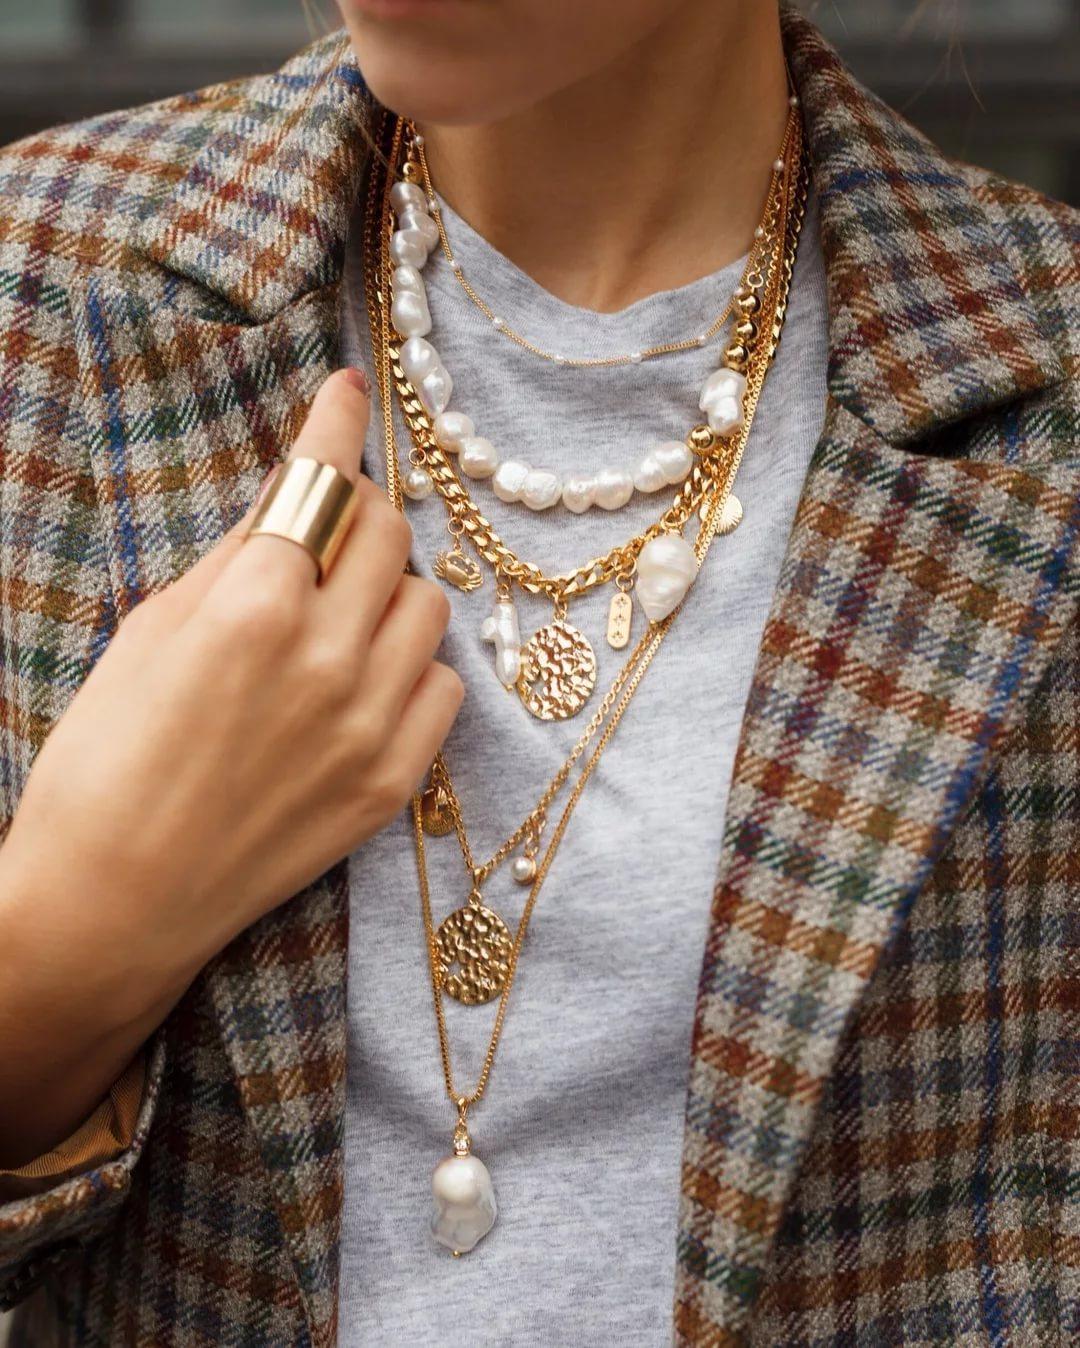 Как правильно носить украшения: 10 практических советов